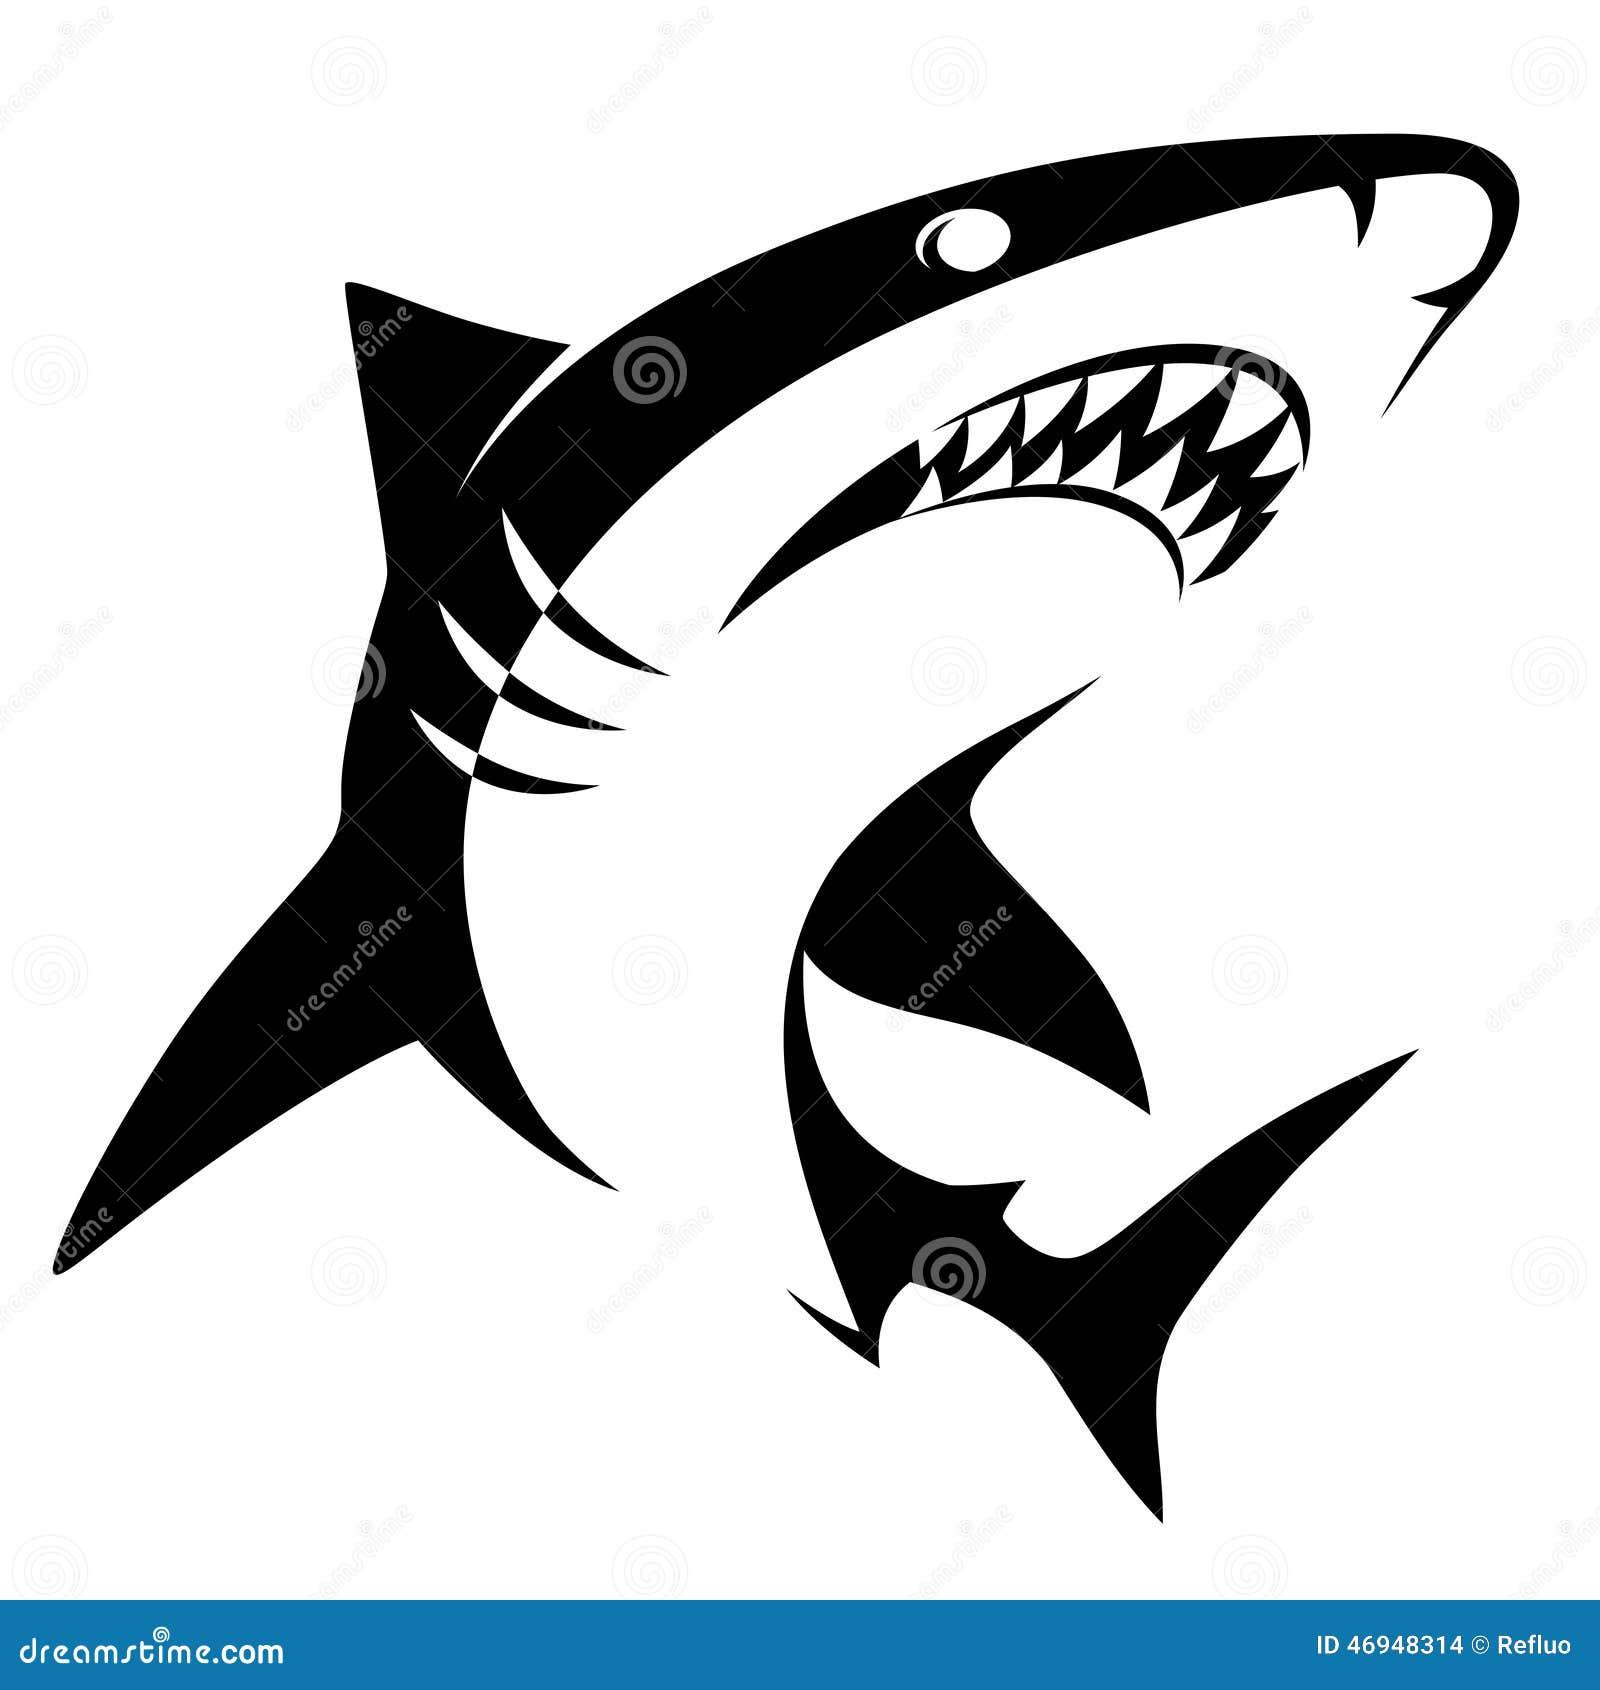 鲨鱼标志 向量例证 插画 包括有 查出 剪影 简单 水生 海洋 致命地 鲨鱼 象征 纹身花刺